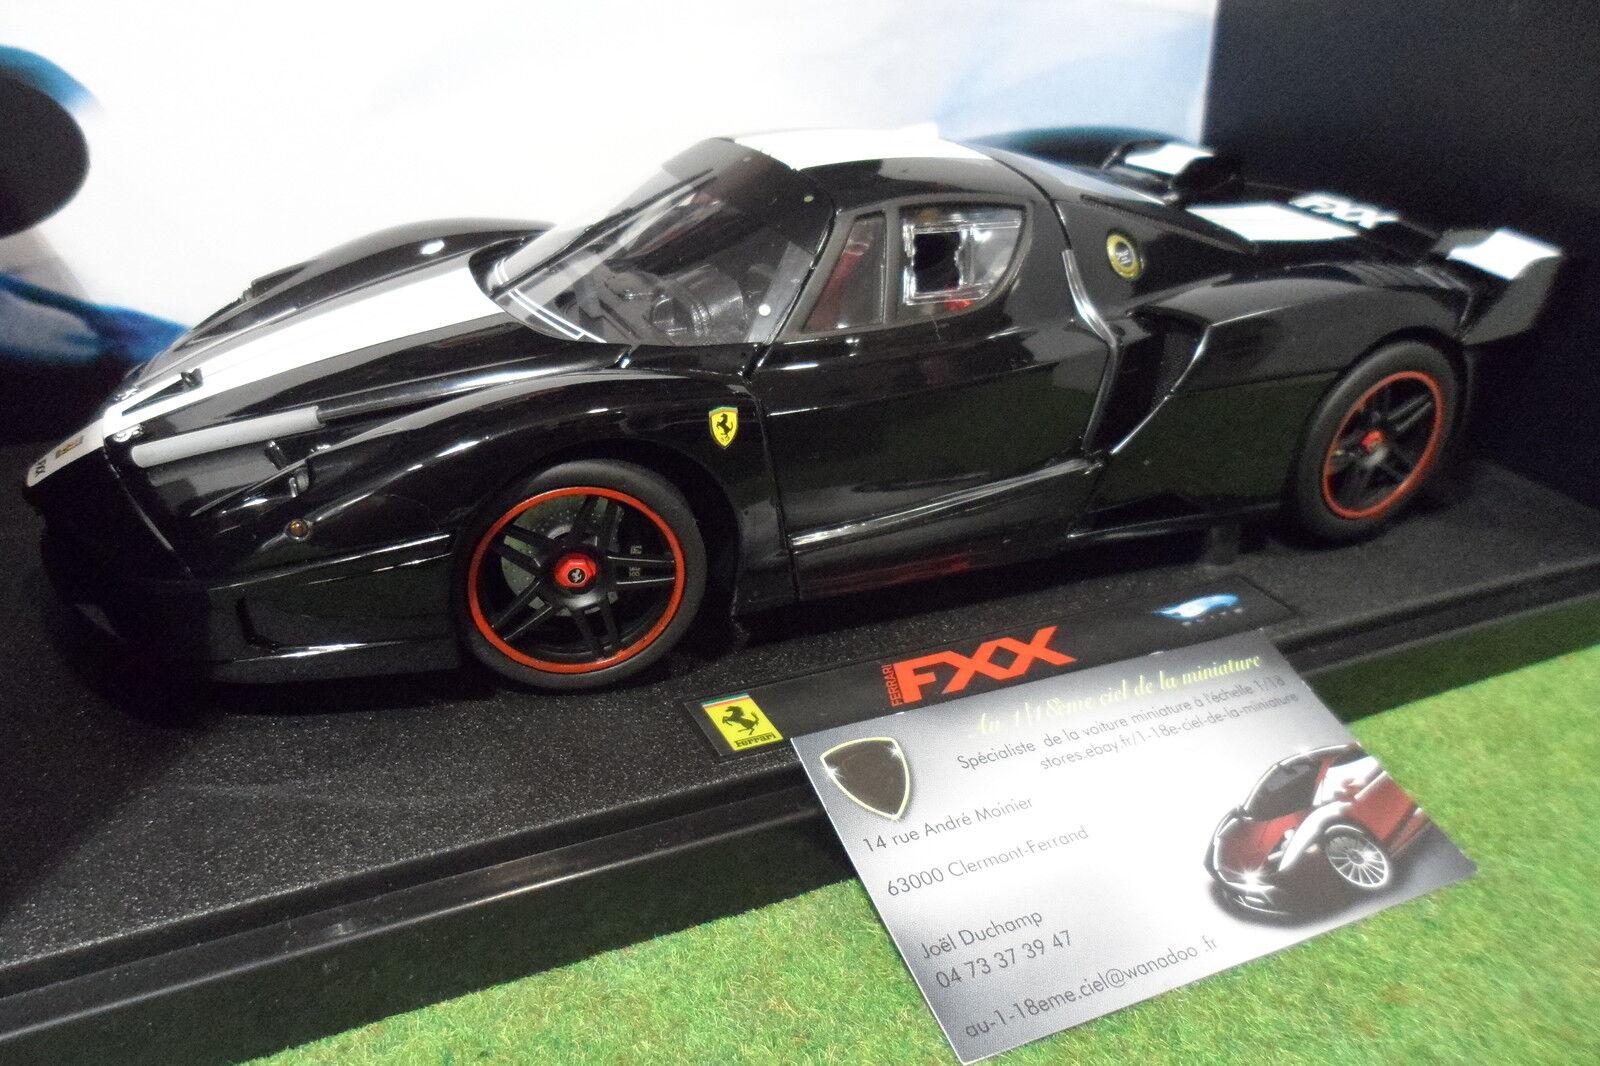 FERRARI FXX neroe au 1 18 HOT WHEELS ELITE L7398 voiture miniature de collection